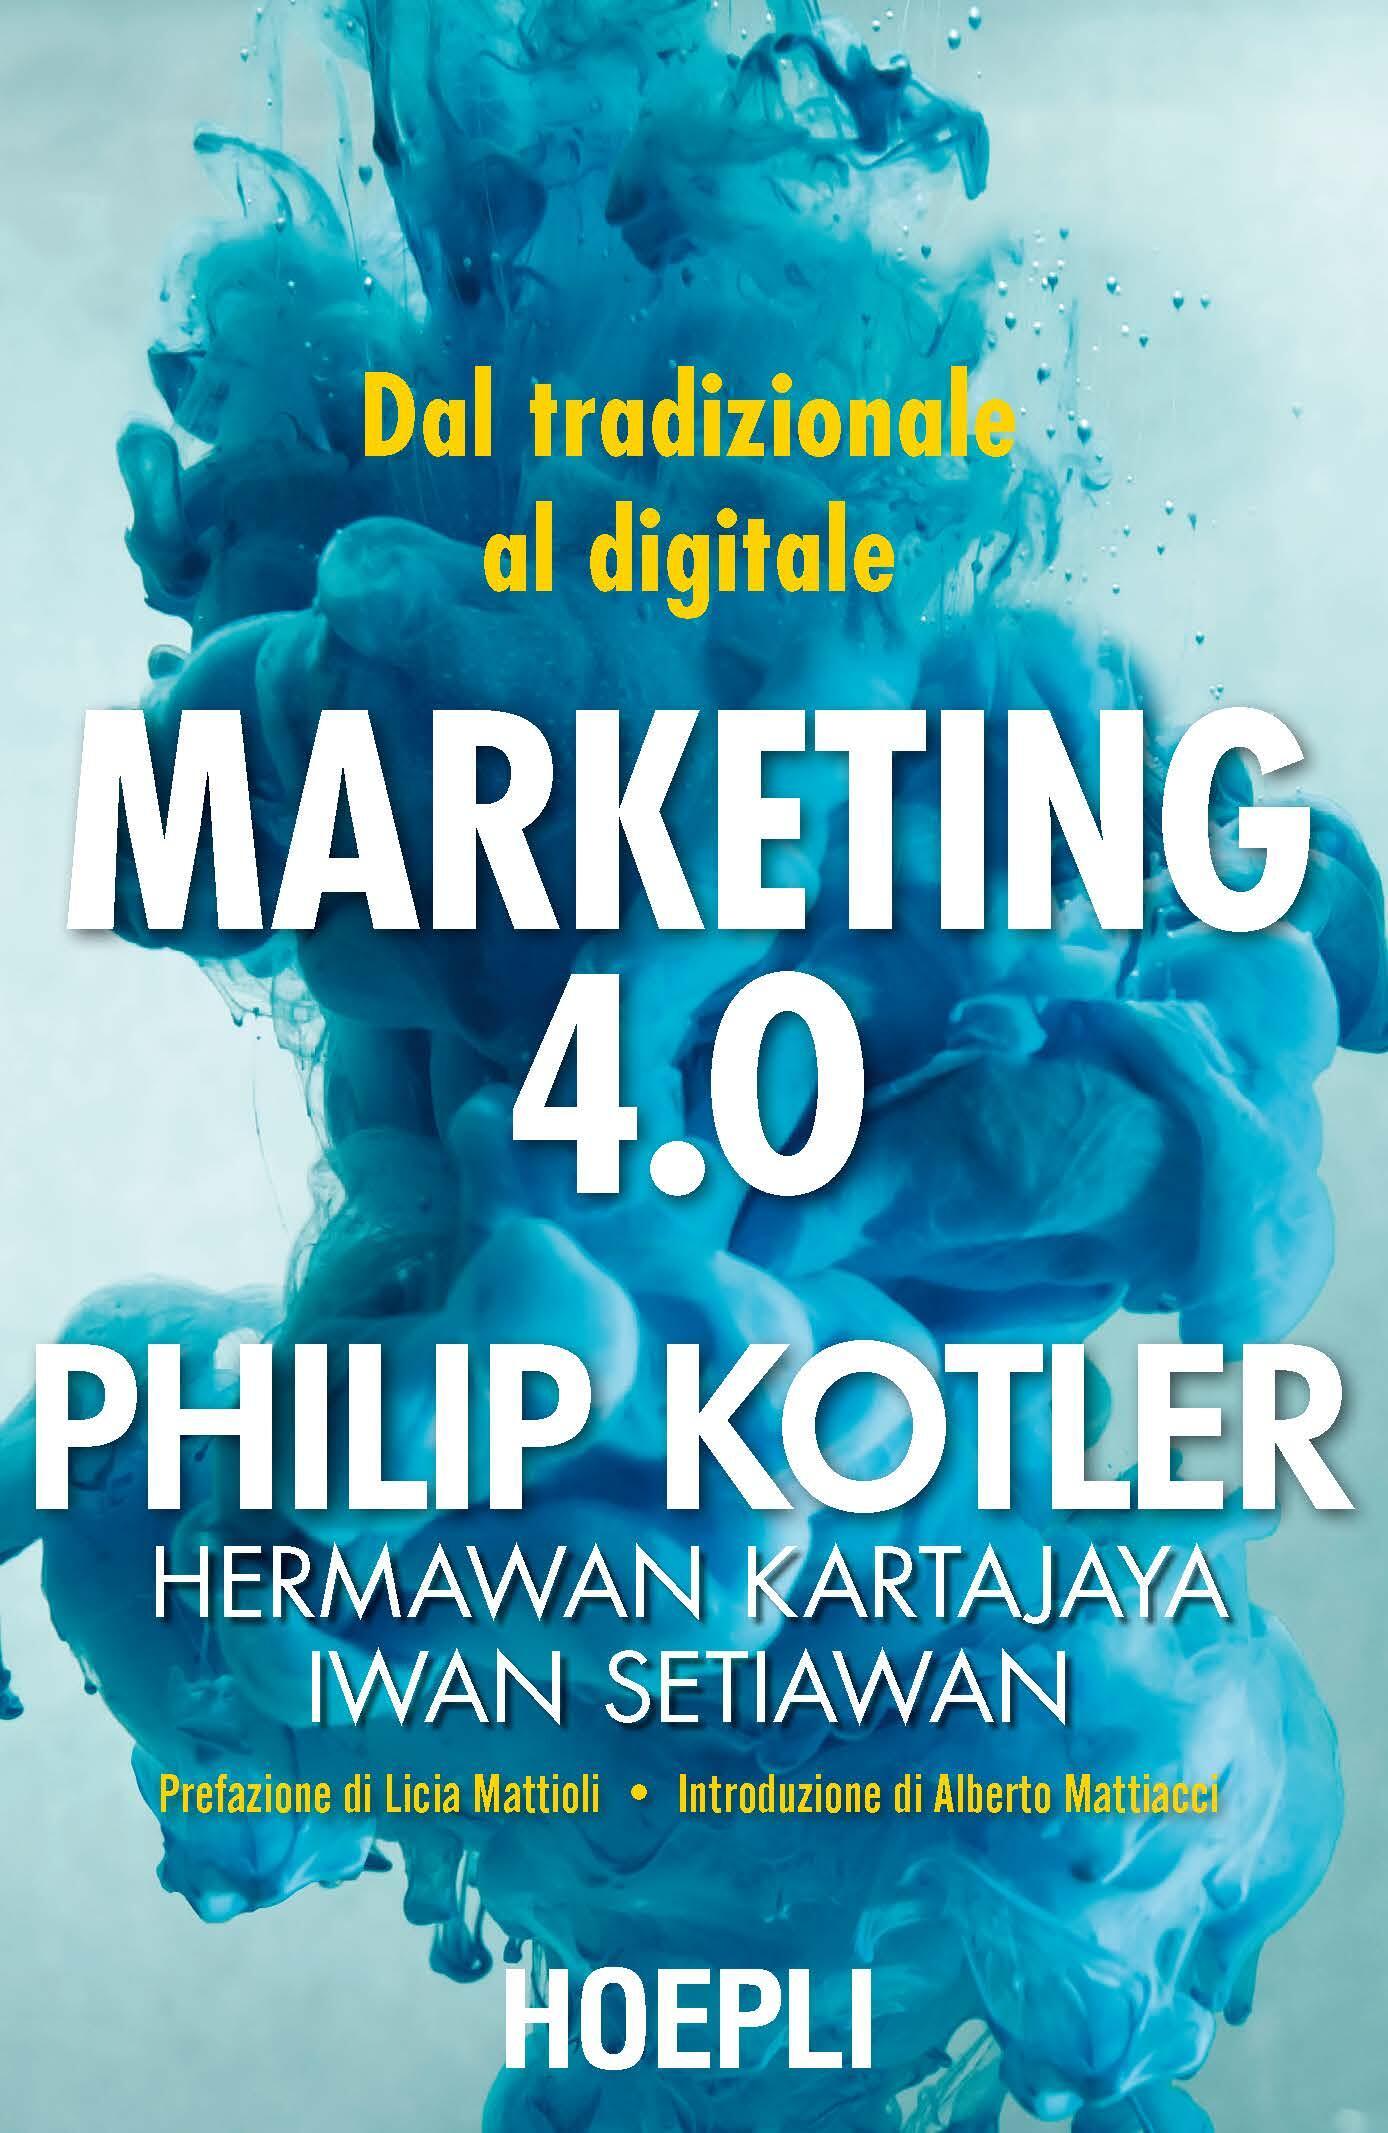 Hoepli libri delleditore in vendita online marketing 40 dal tradizionale al digitale fandeluxe Image collections